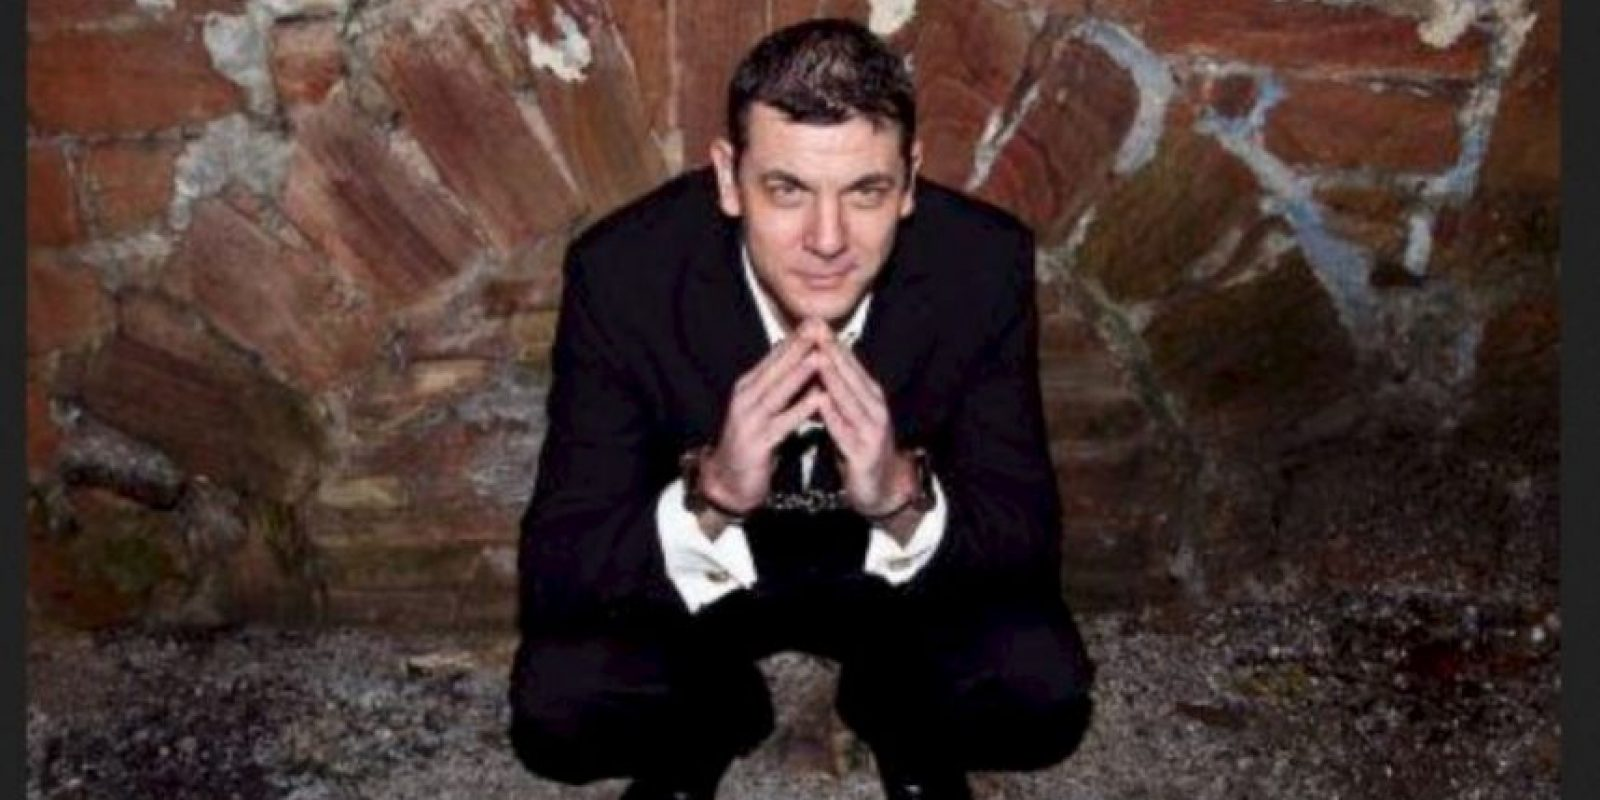 """El """"mago"""", de West Yorkshire, Inglaterra, tuvo que ser rescatado por un grupo de paramédicos, casi nueve minutos después de enterrarse un metro (seis pies) bajo tierra, informó el periódico """"The Huffington Post"""" el pasado 8 de septiembre. Foto:Vía Twitter @AntonyBritton"""